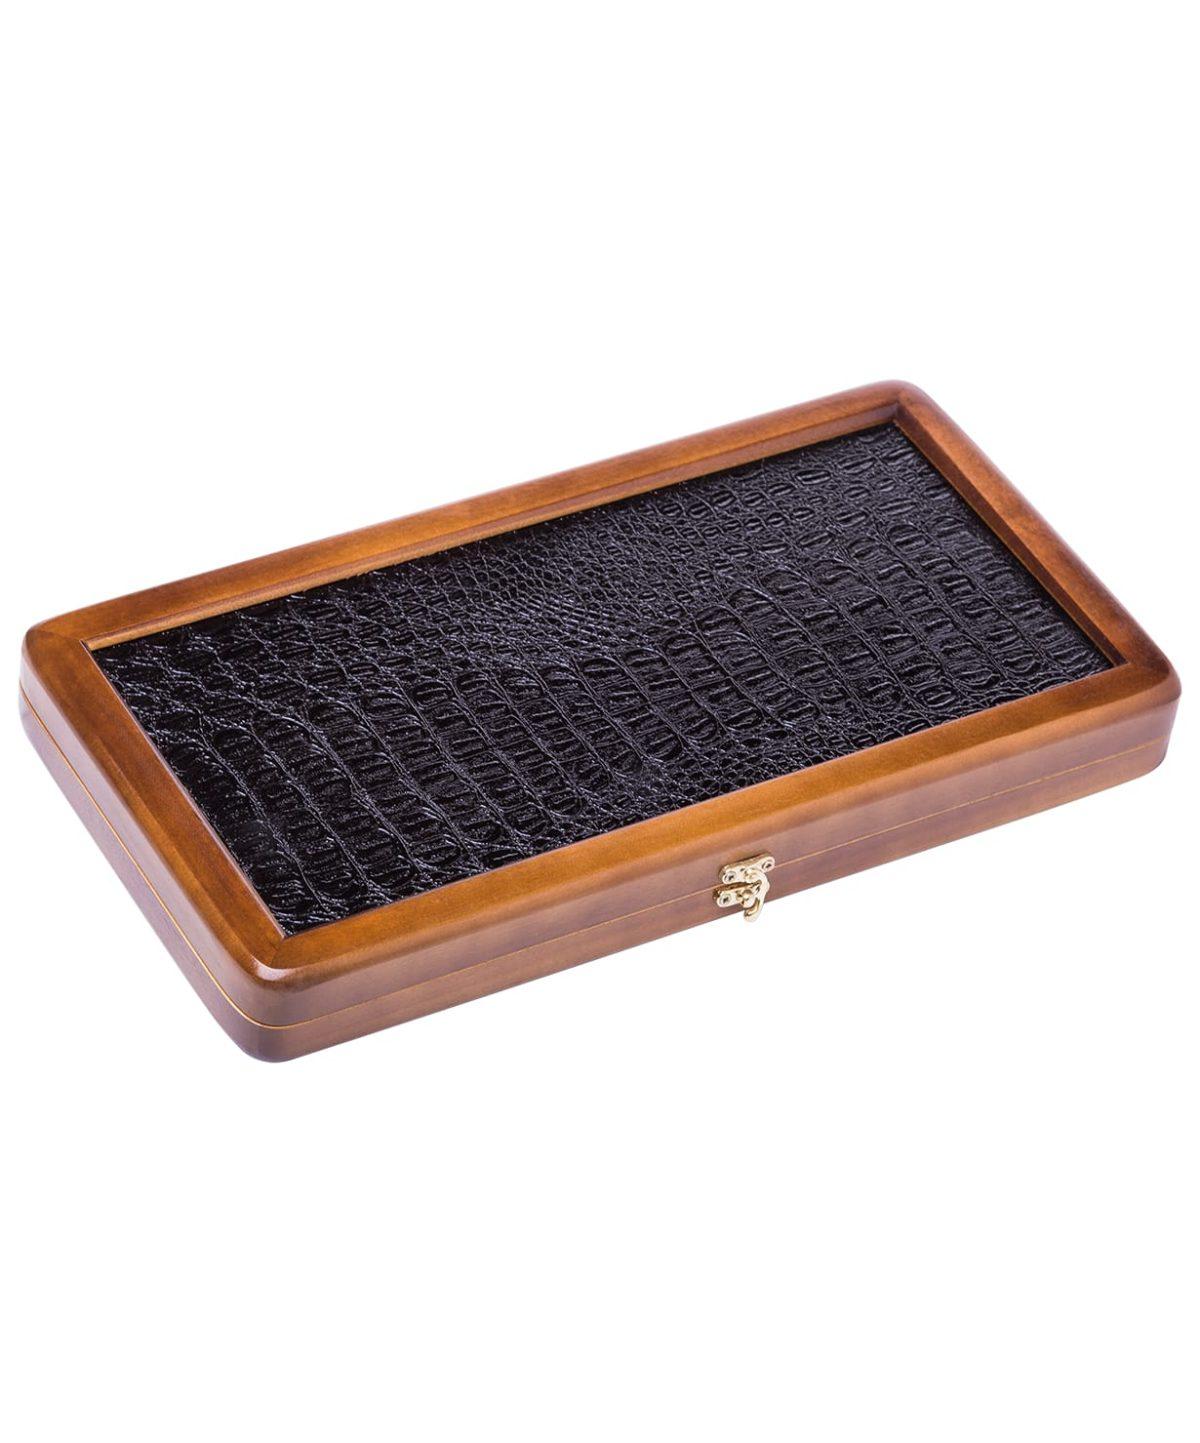 Нарды малые сувенирные, кожаные, в чехле  8425 - 2